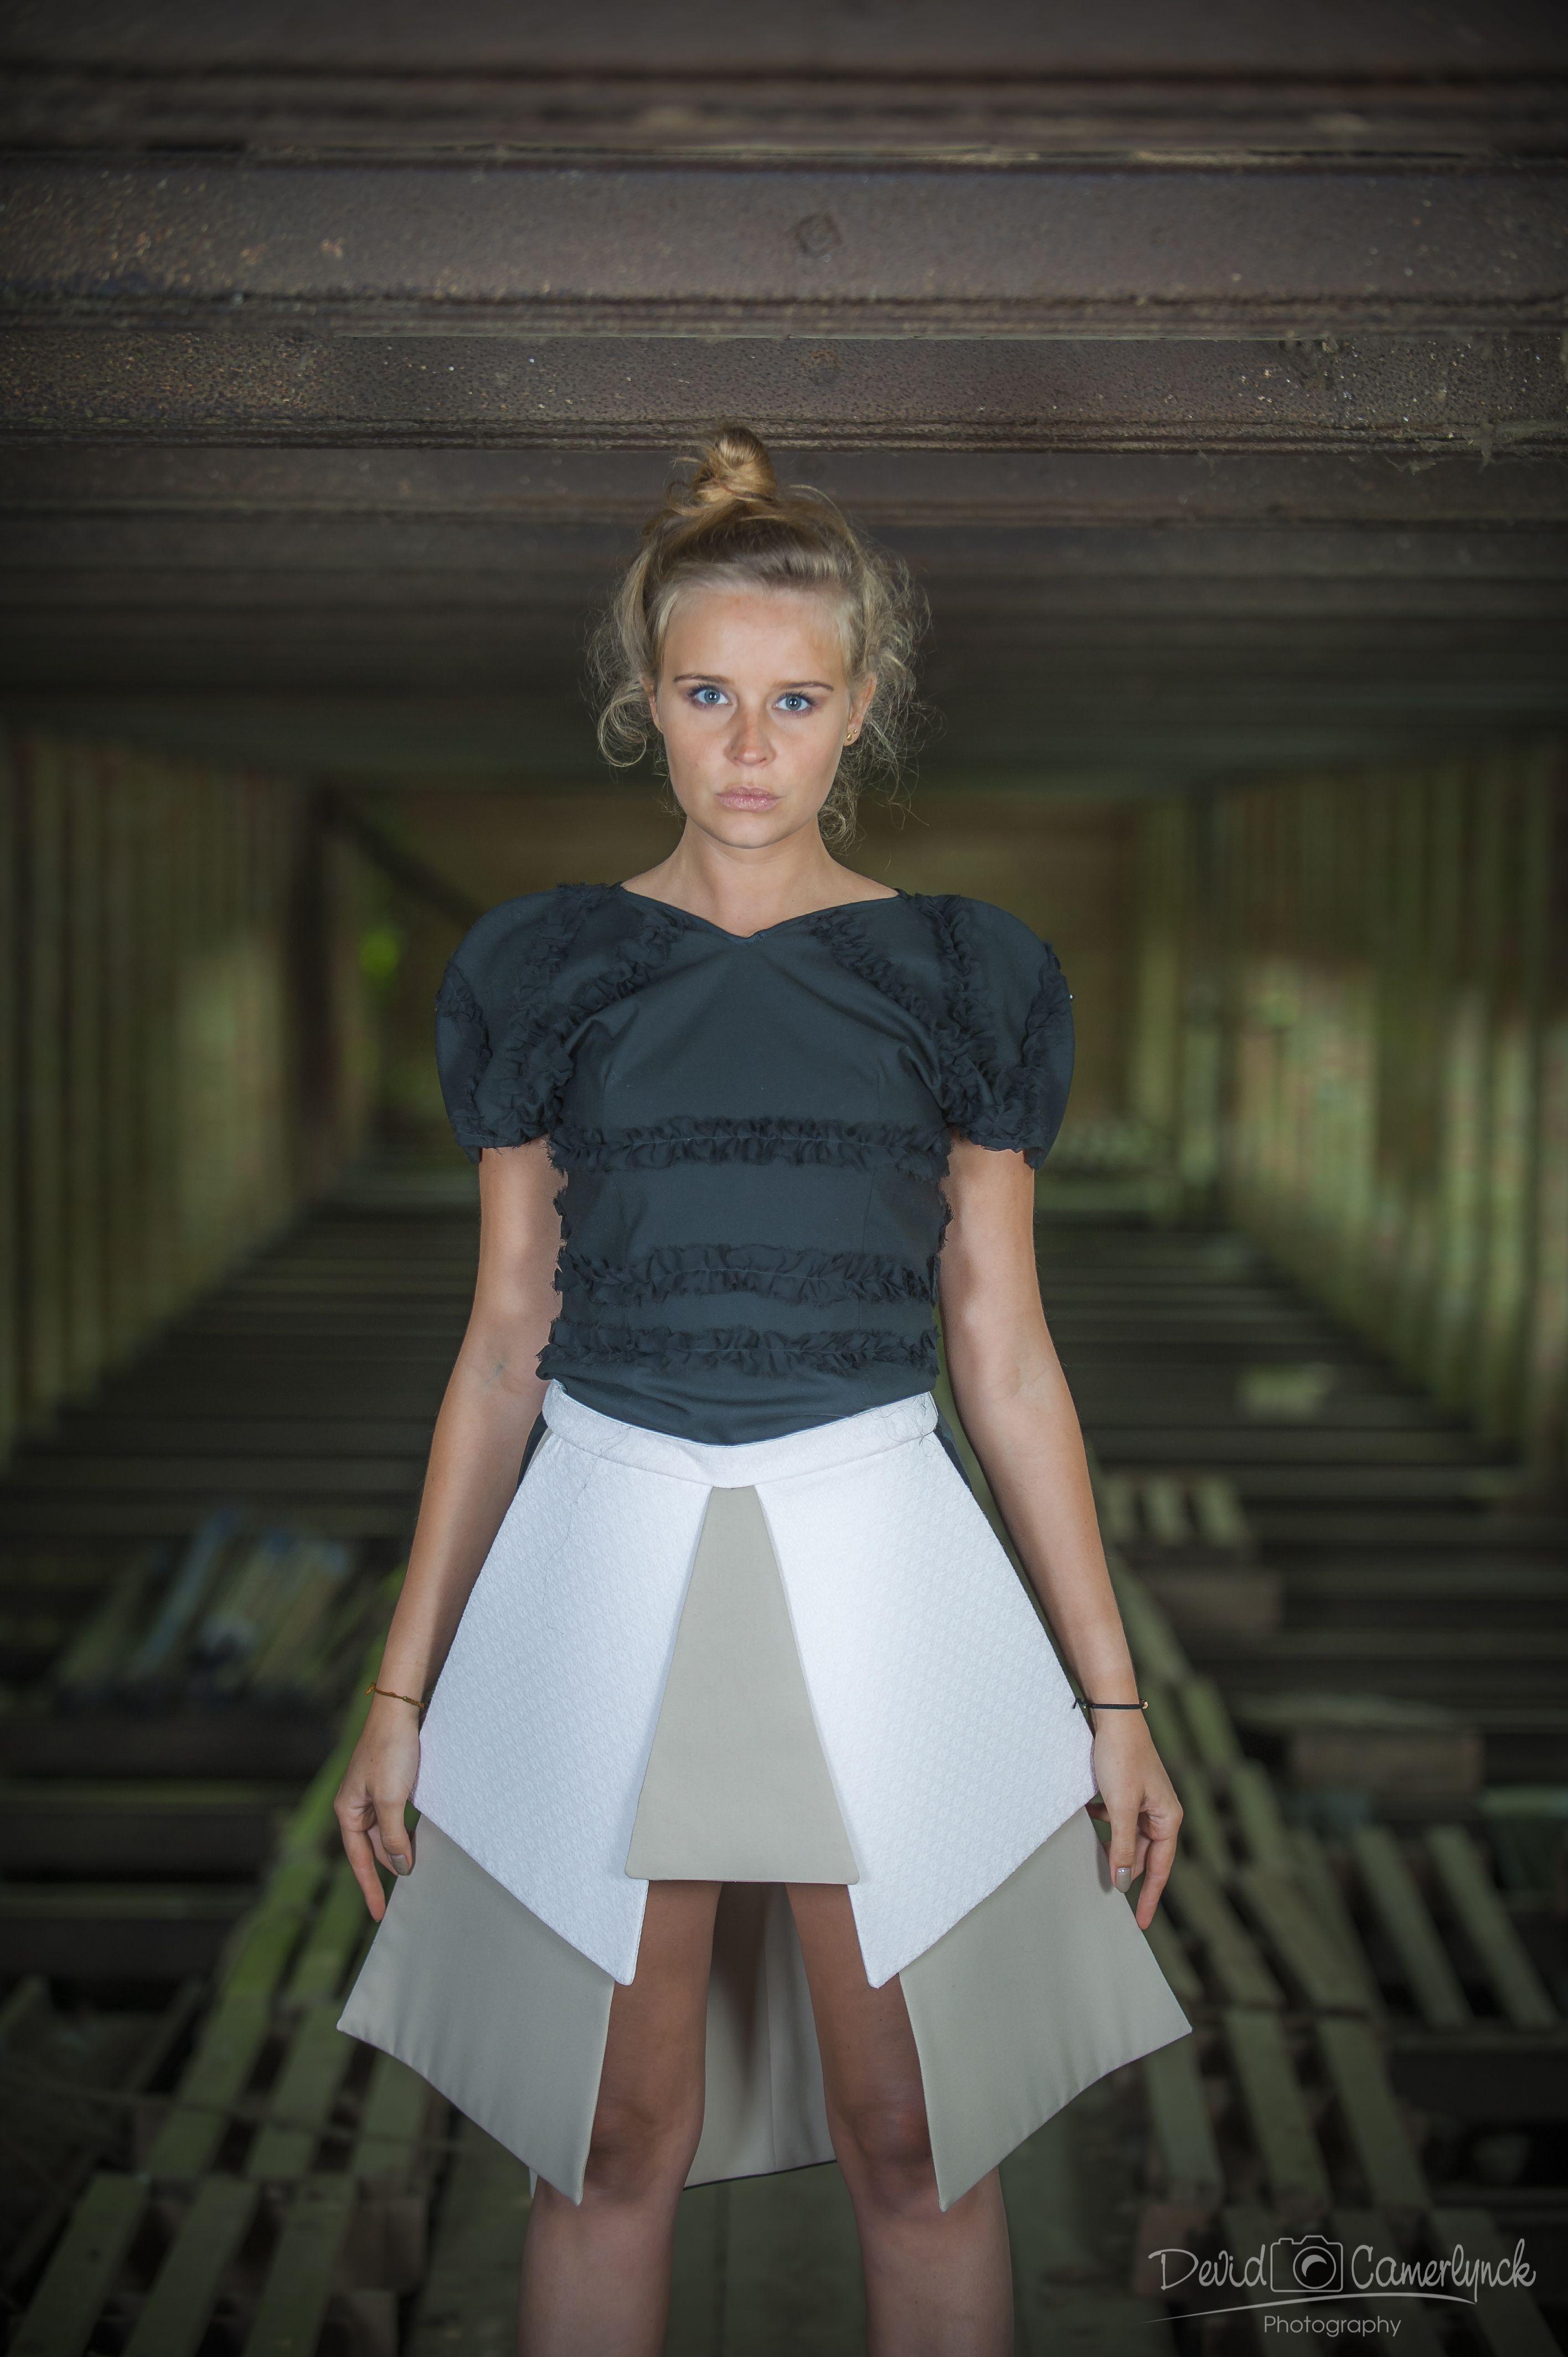 Eindcollectie opleiding Modevormgever 2013-2014 #syntrawest Ontwerp: Tine Gallez - Foto's: Devid Camerlyck - Peter Reynaerts